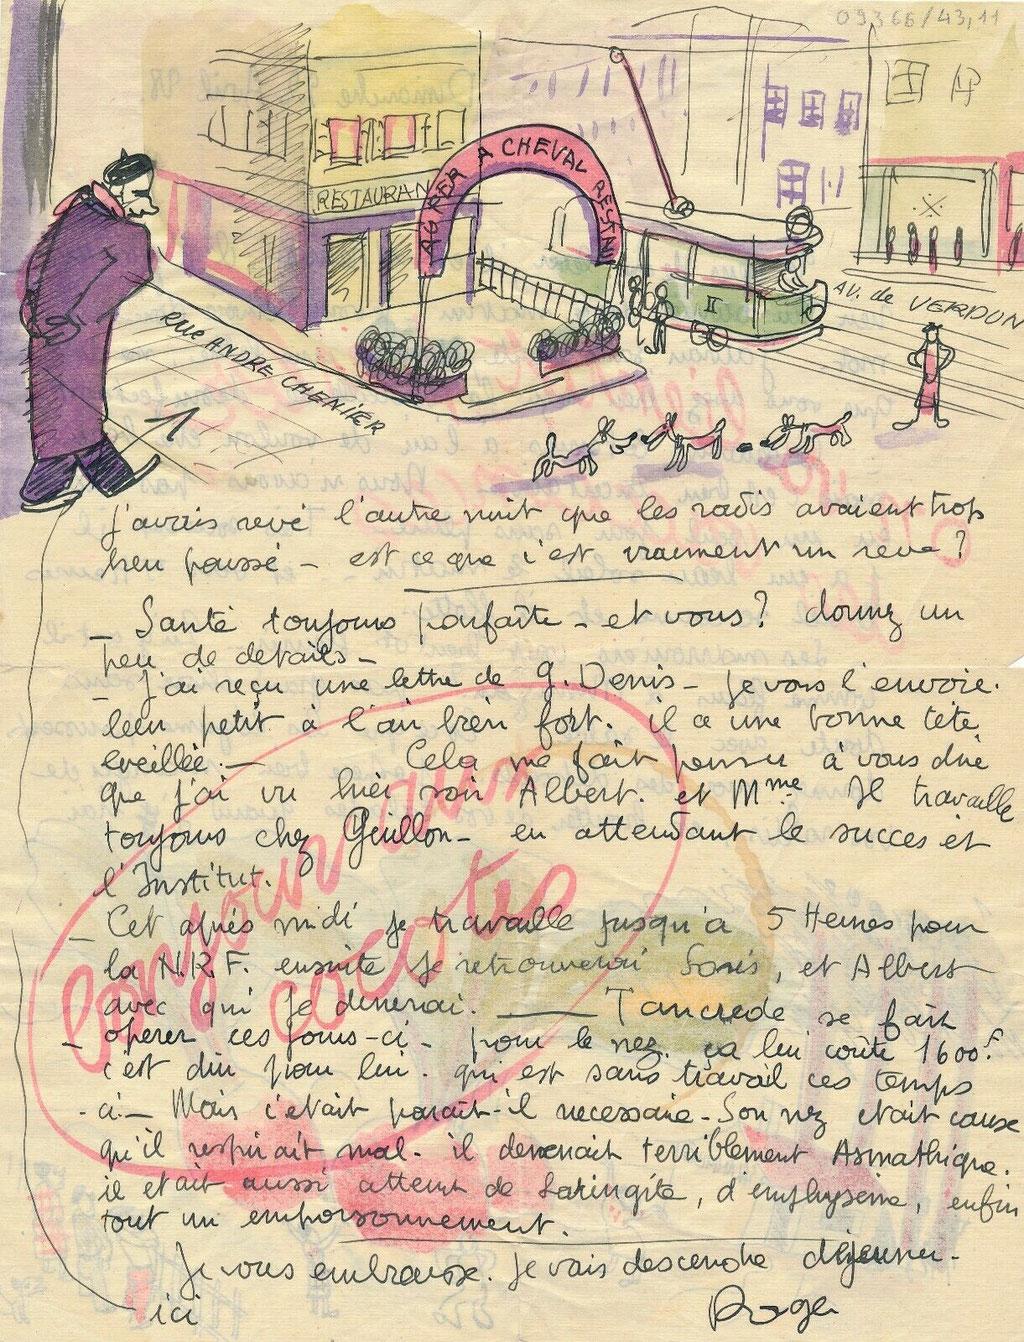 Roger Parry lettre autographe signée